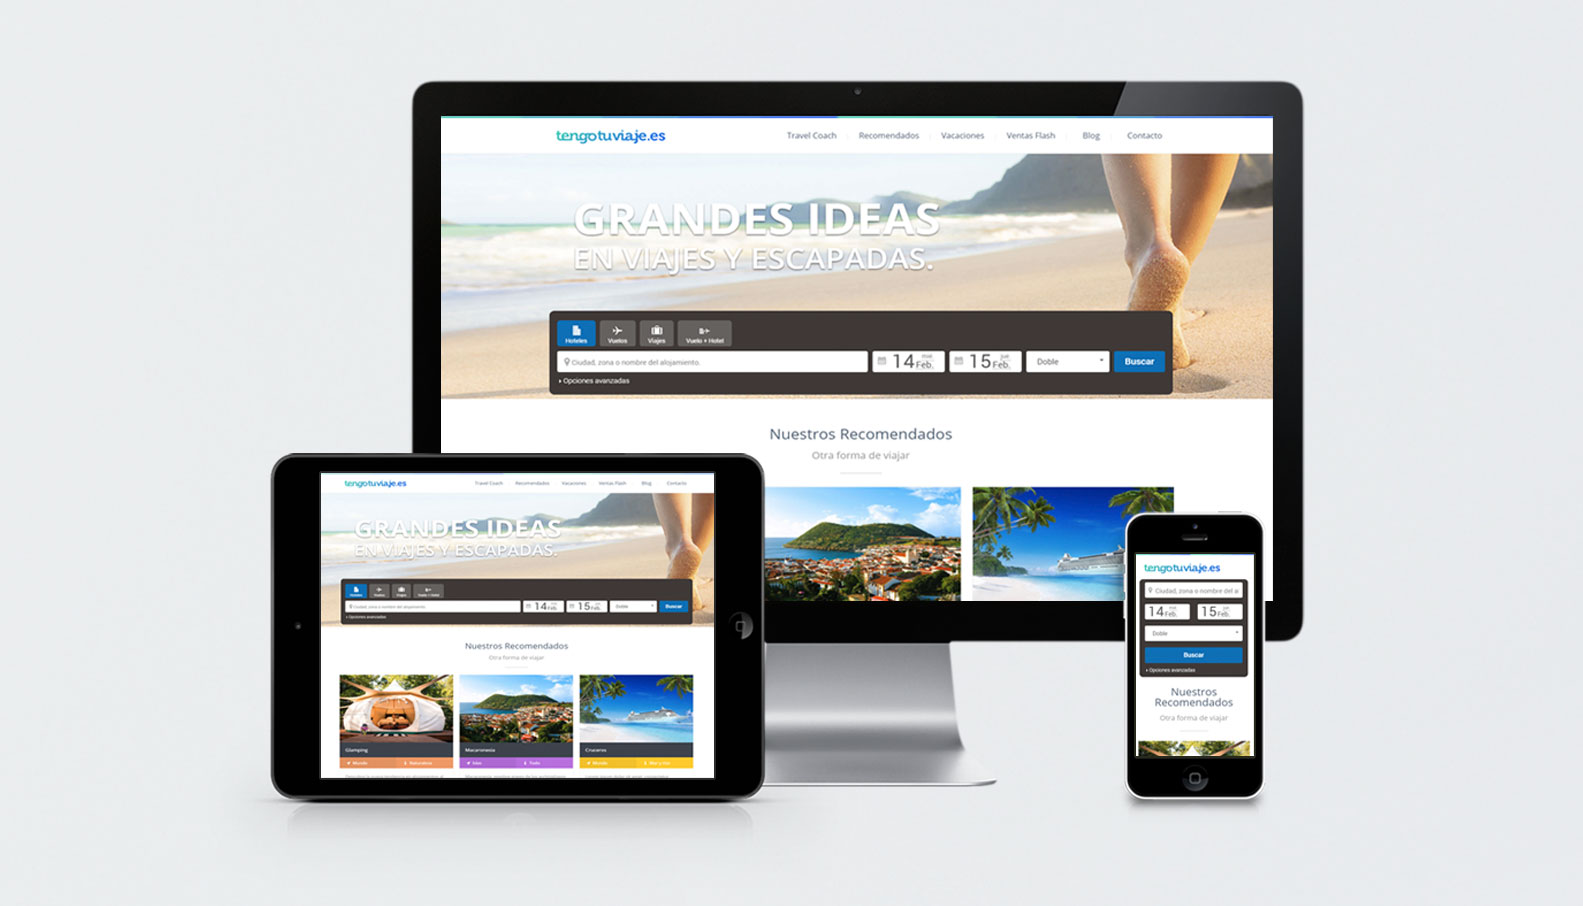 Diseño de páginas web en navarra, desarrollamos la página web de tu negocia a tu medida y la de tus necesidades. Expertos en tiendas online y webs de ventas para desarrollo de negocios online.